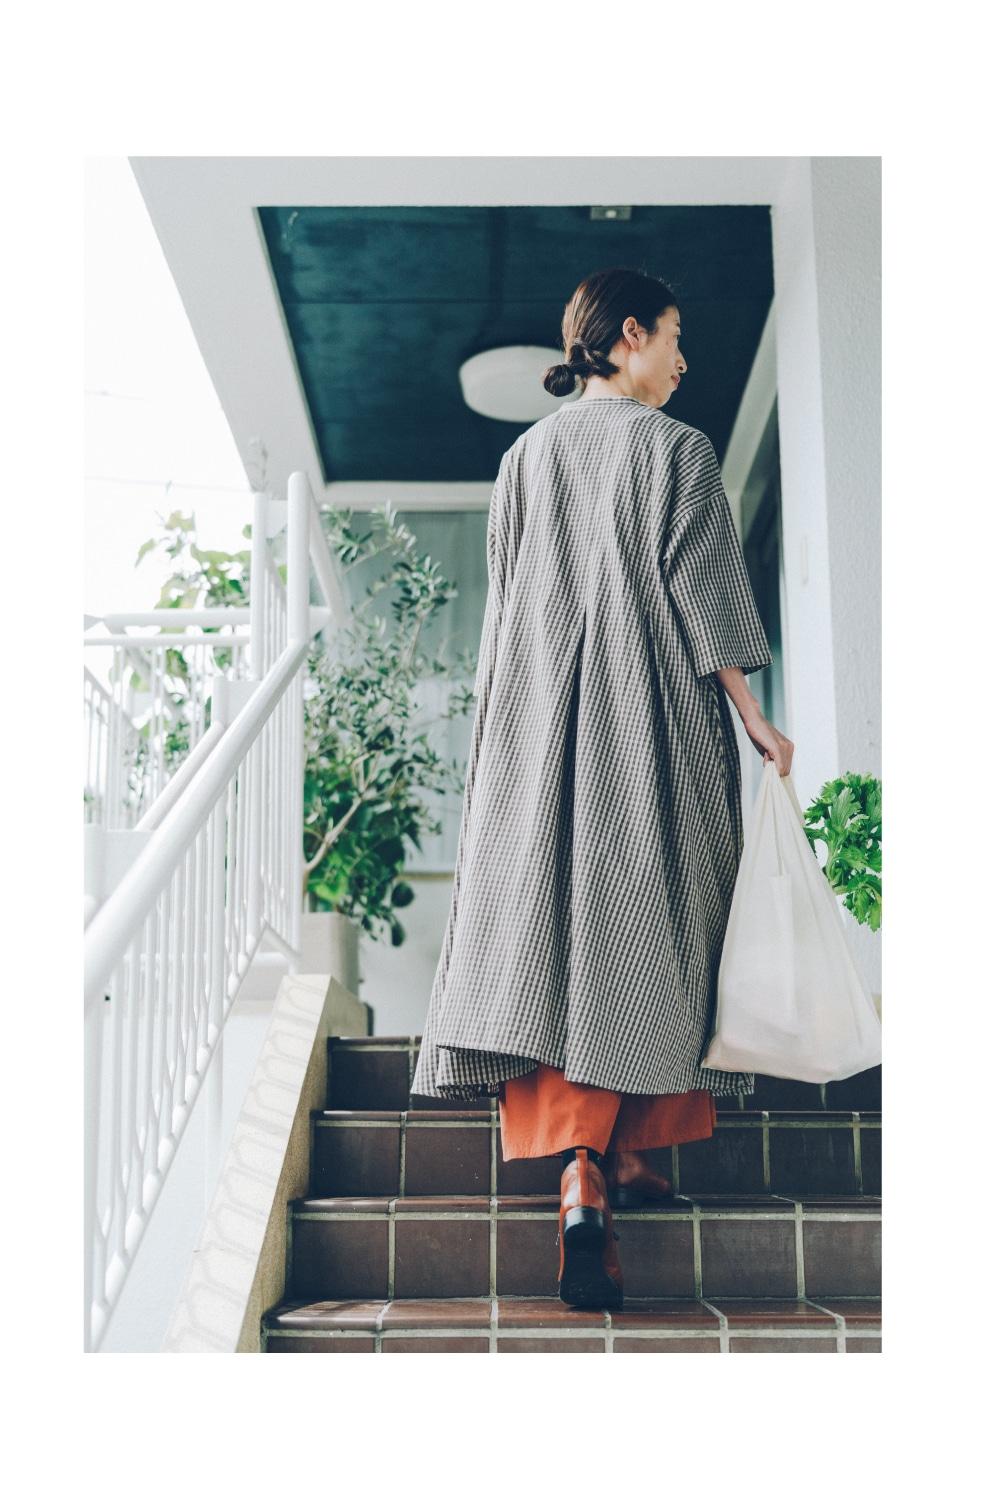 yuni|yuni 2019 autumn / winter カタログ画像